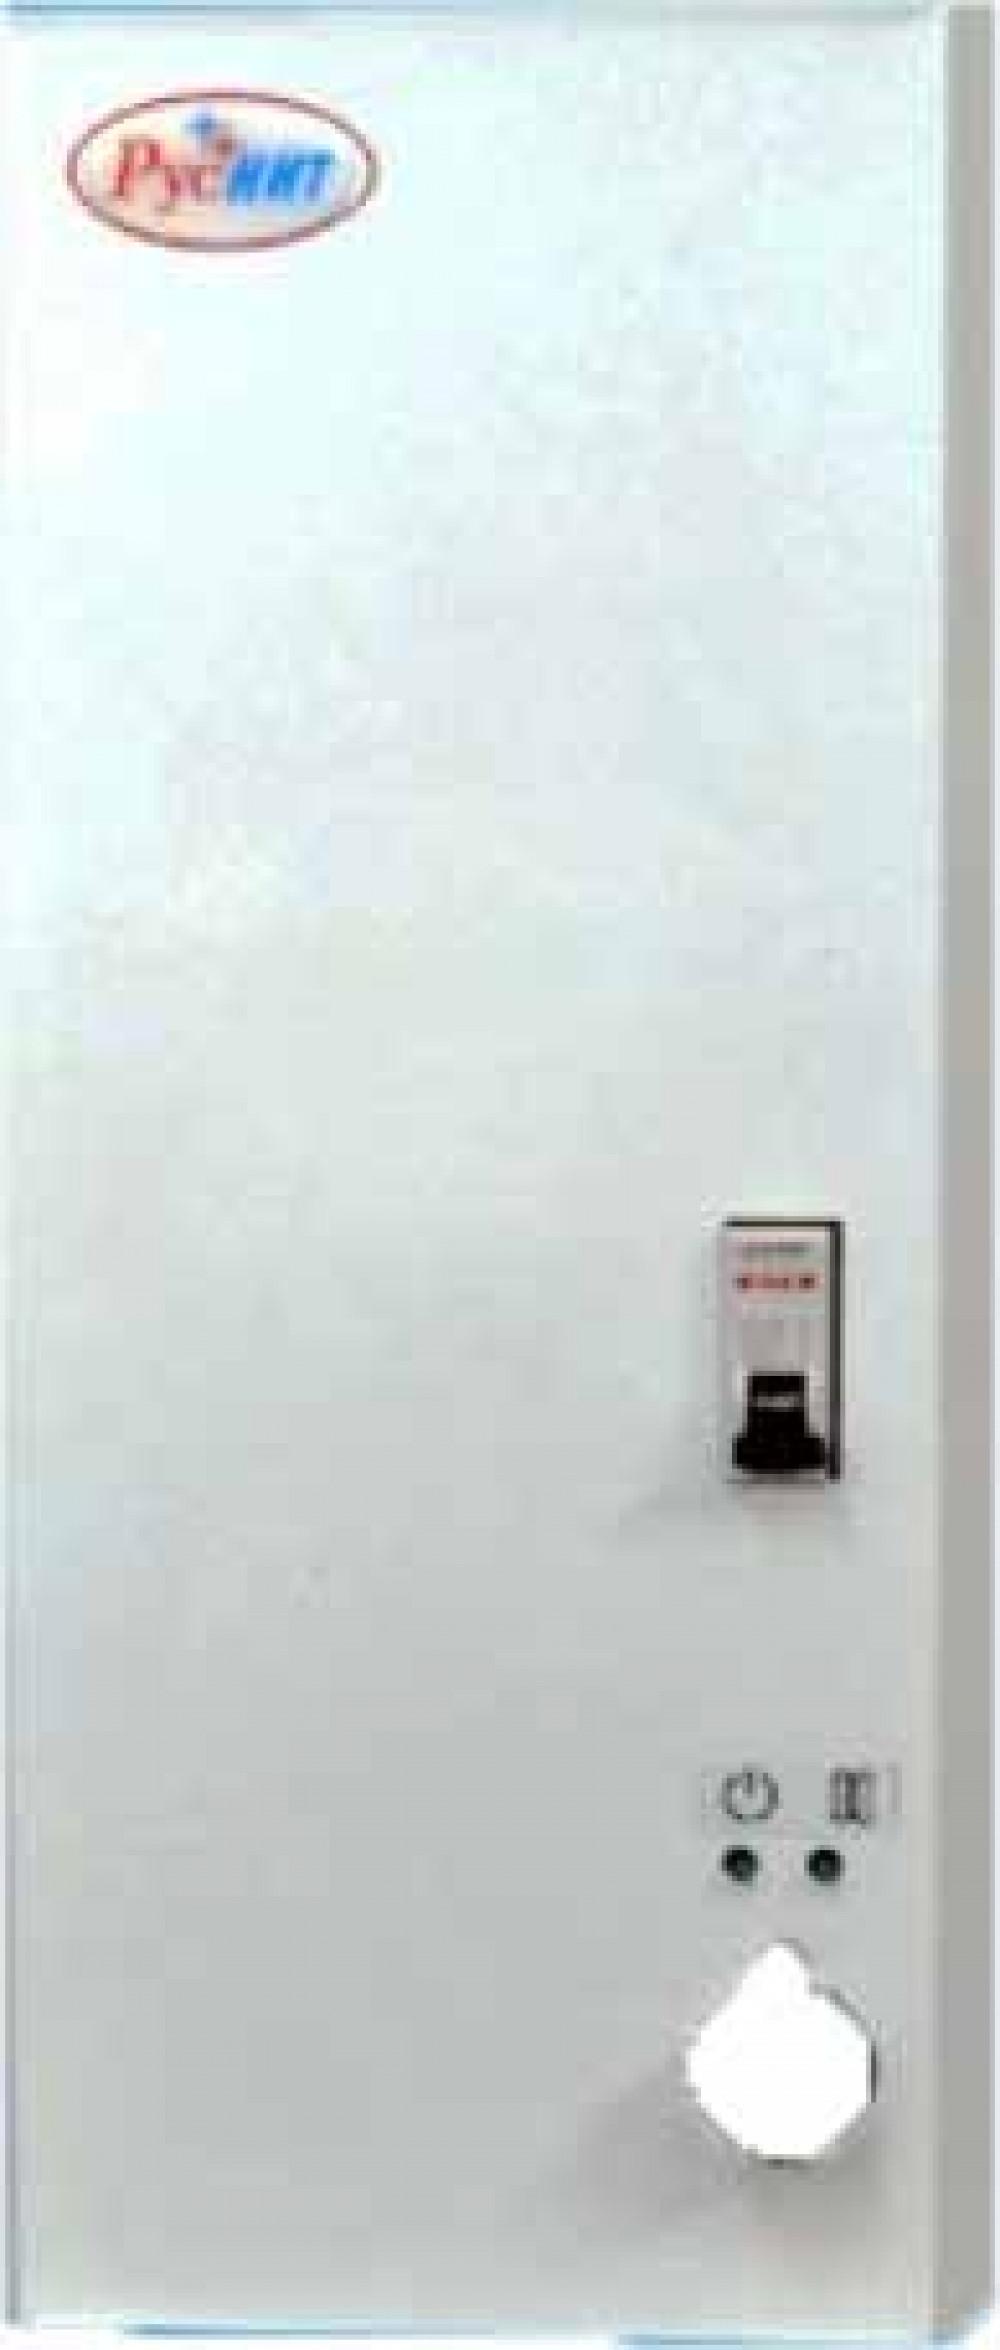 Руснит 205 электрическая схема подключения